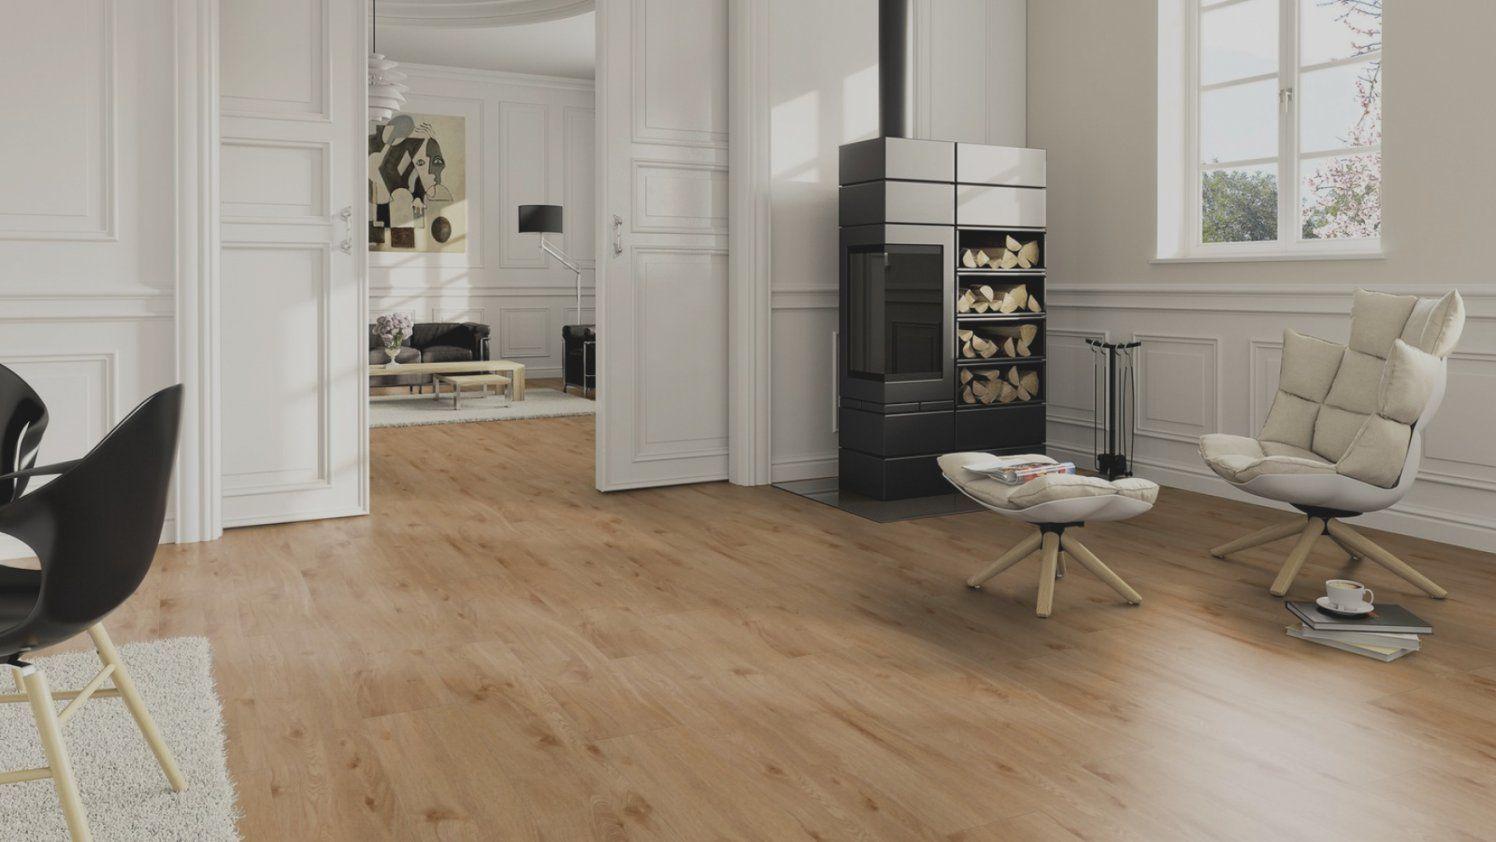 bilder von wohnzimmer fliesen holzoptik gut auf auch in. Black Bedroom Furniture Sets. Home Design Ideas